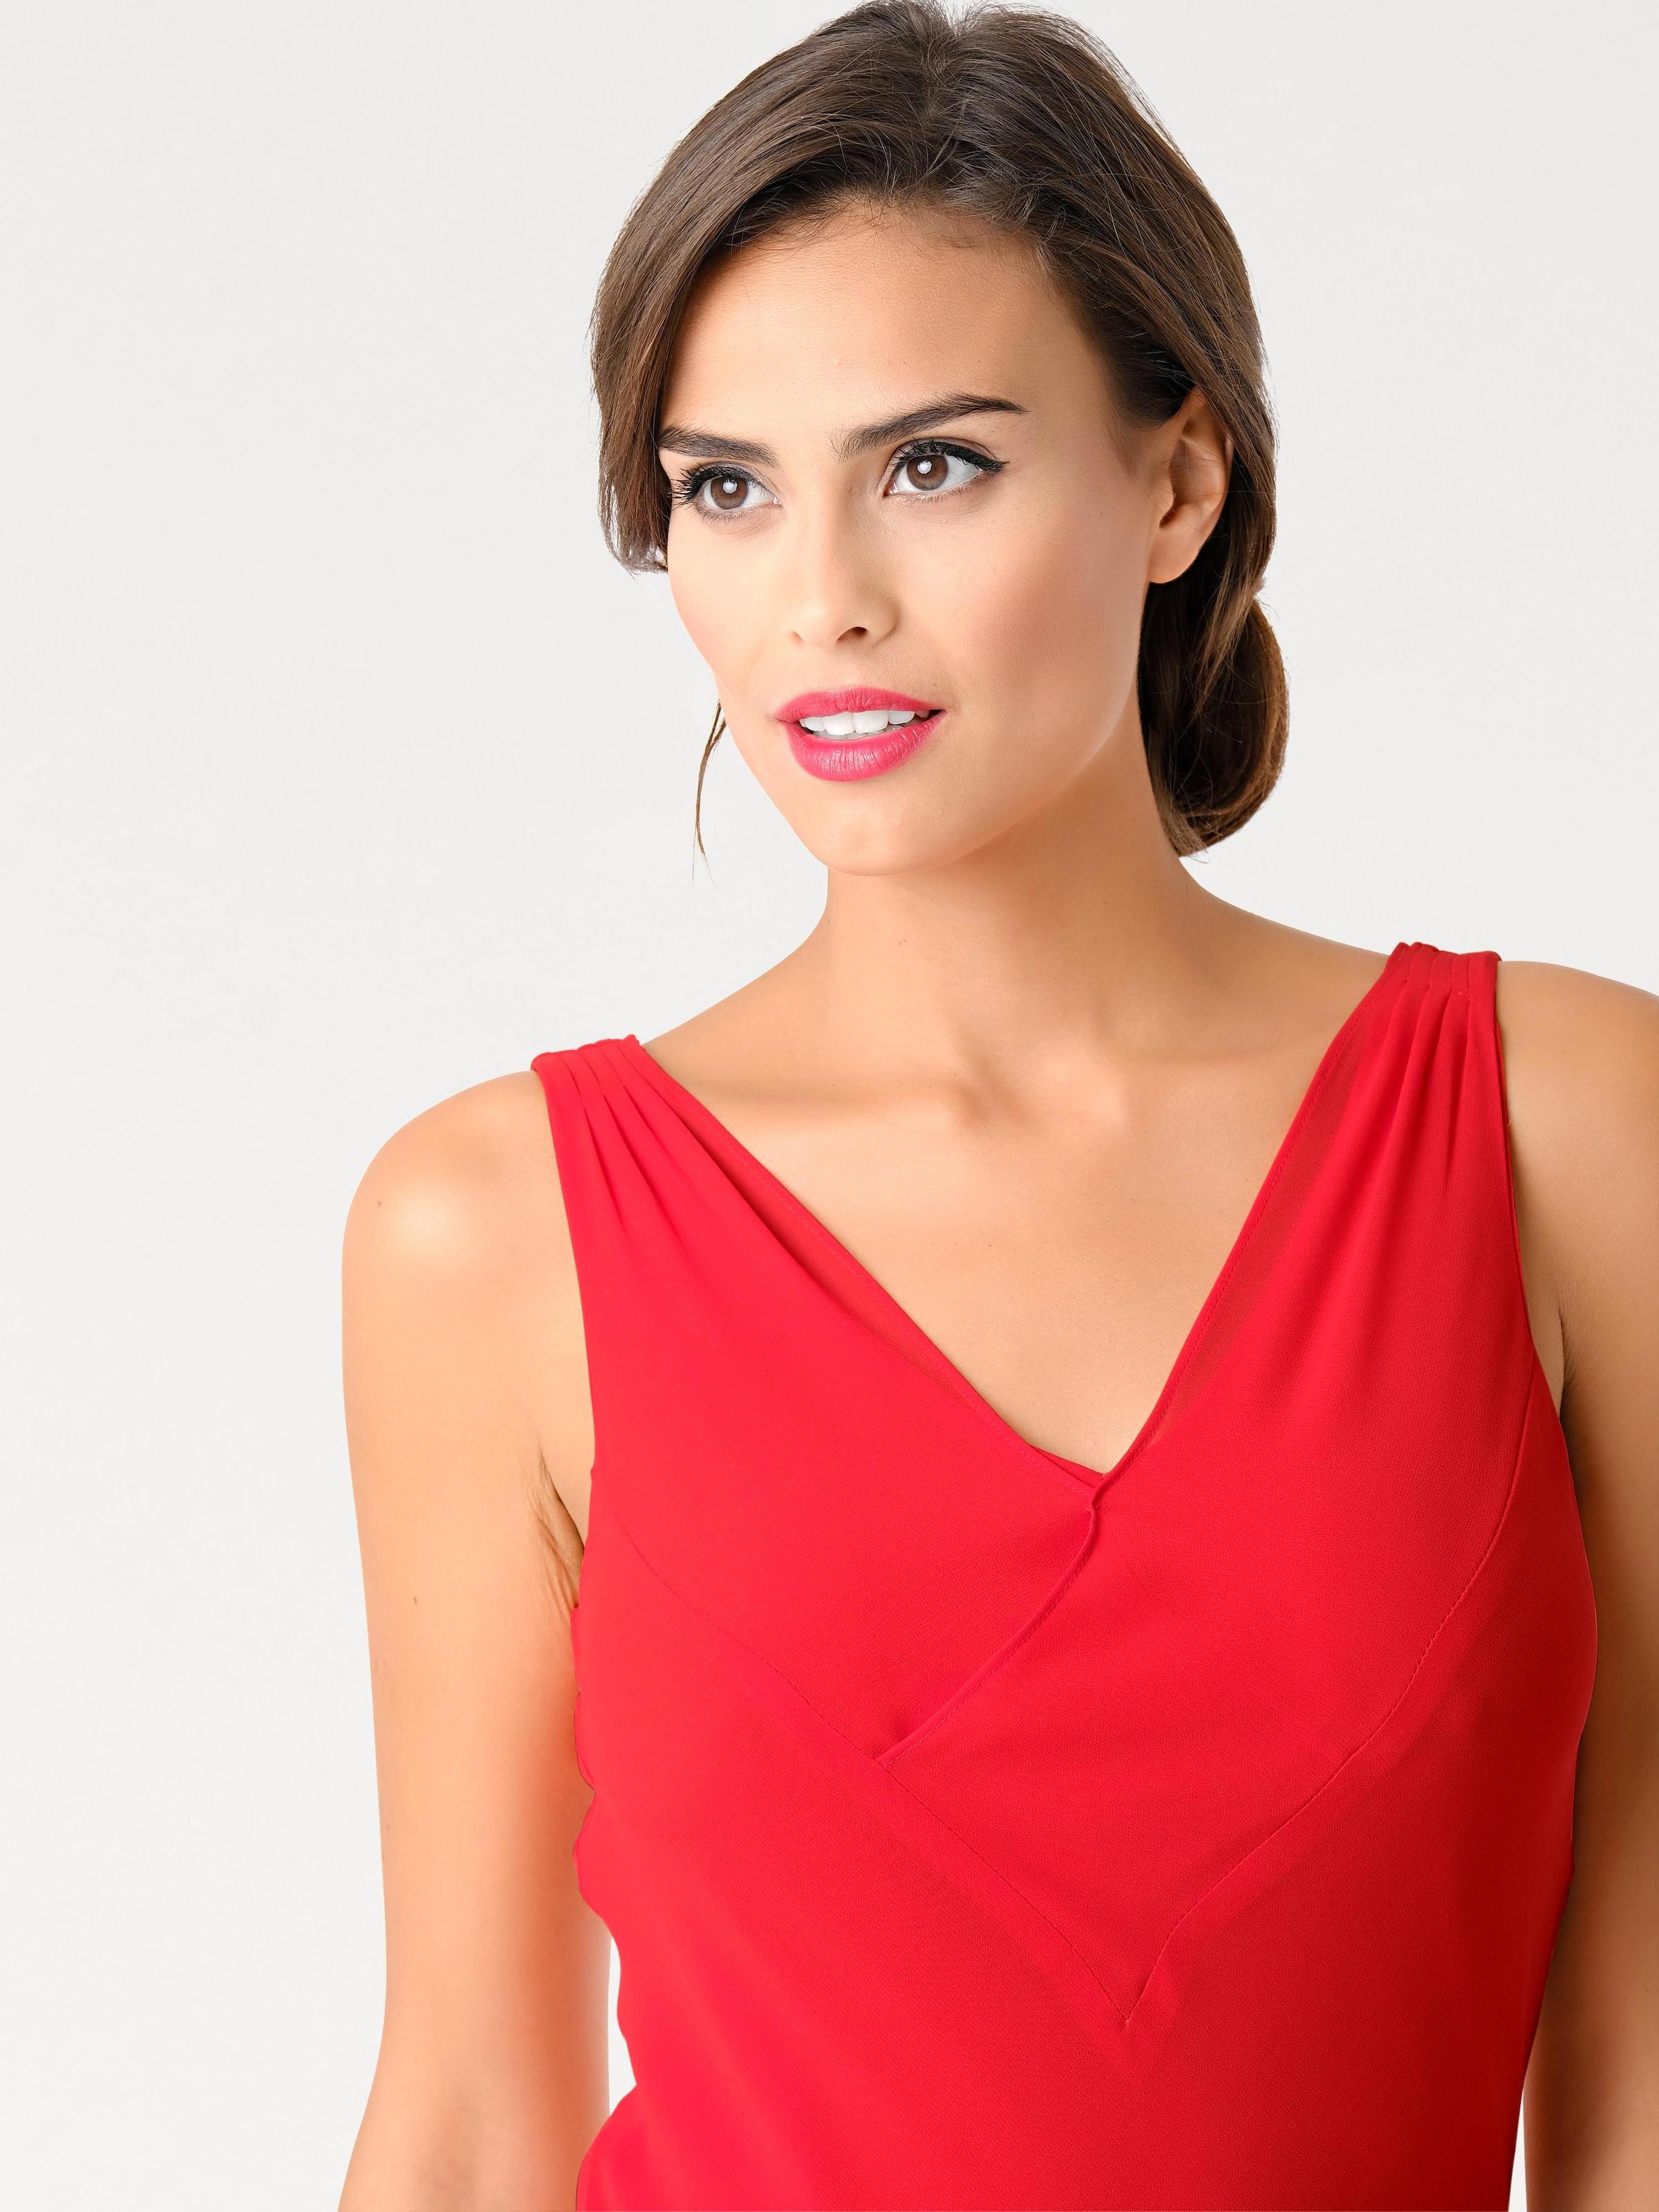 Rabatt-Websites Bestes Geschäft Zu Erhalten Online-Verkauf Ashley Brooke by heine Cocktailkleid Spielraum Beste Preise Billig Beliebt BiDFN6Dk1